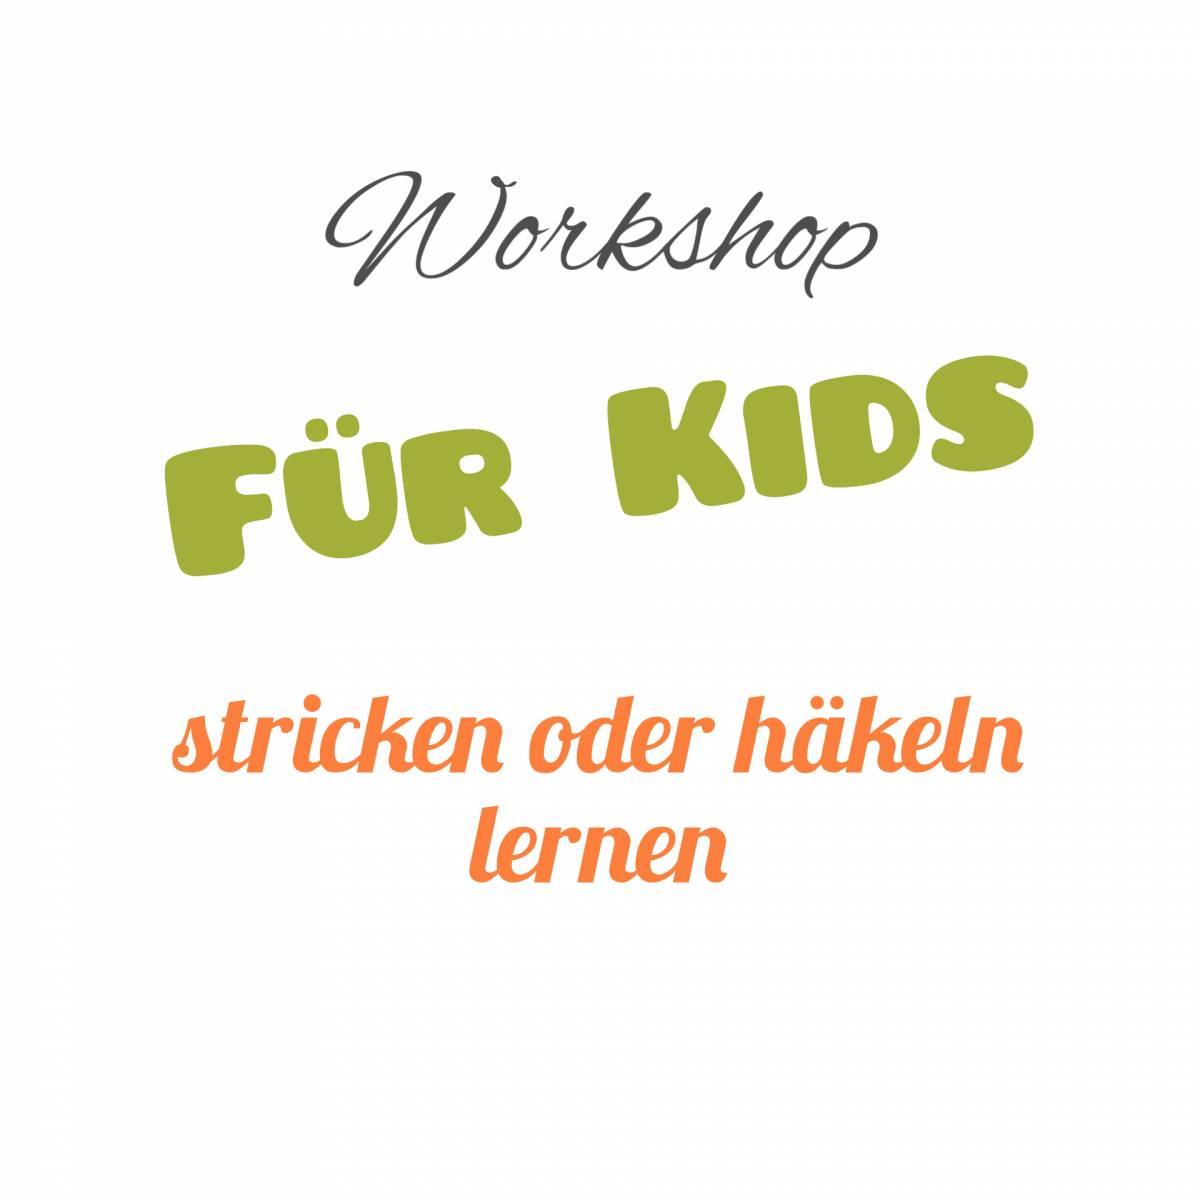 Kids Workshop Stricken Oder Häkeln Lernen über 3 Termine